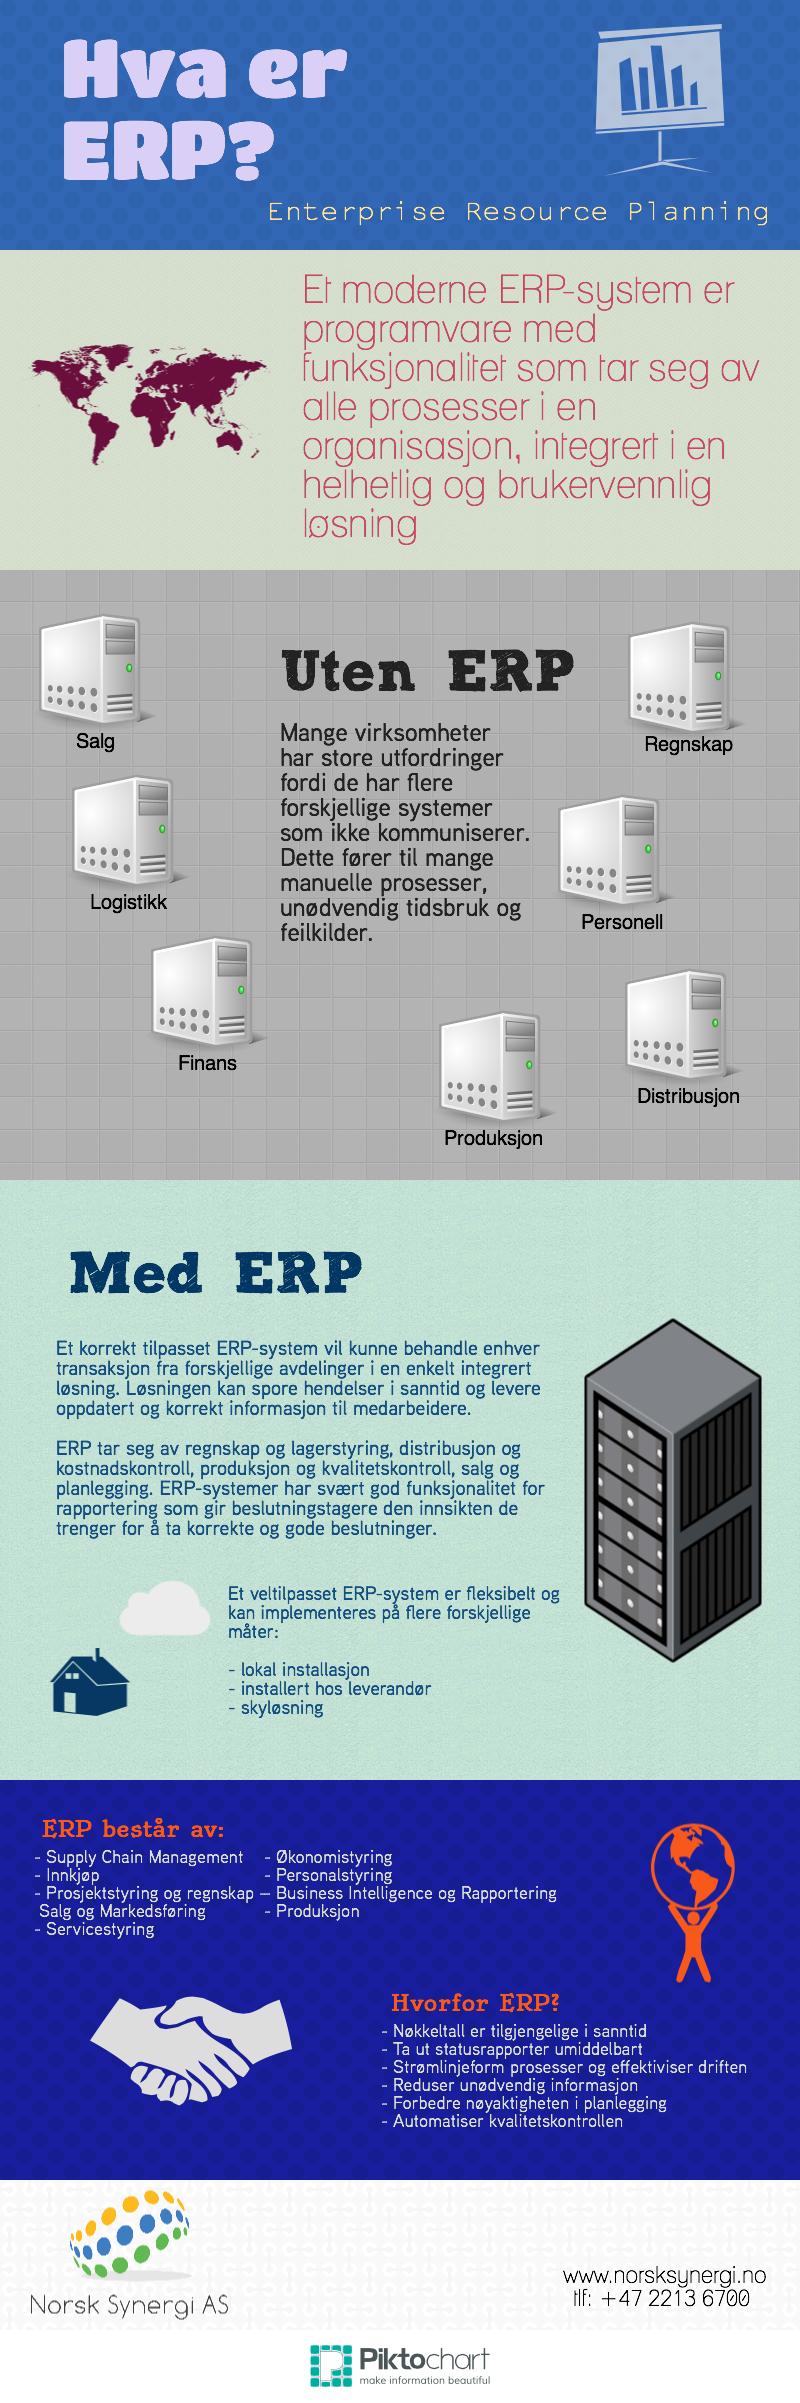 En infografikk som fremstiller hvordan et ERP-system fungerer. Øverst står spørsmålet, under en kort definisjon av hva et erp-system er, videre en fremstilling av hvordan det er med mange forskjellige systemer og så en oversikt over hvordan det fungerer med, under listes opp fordeler med erp